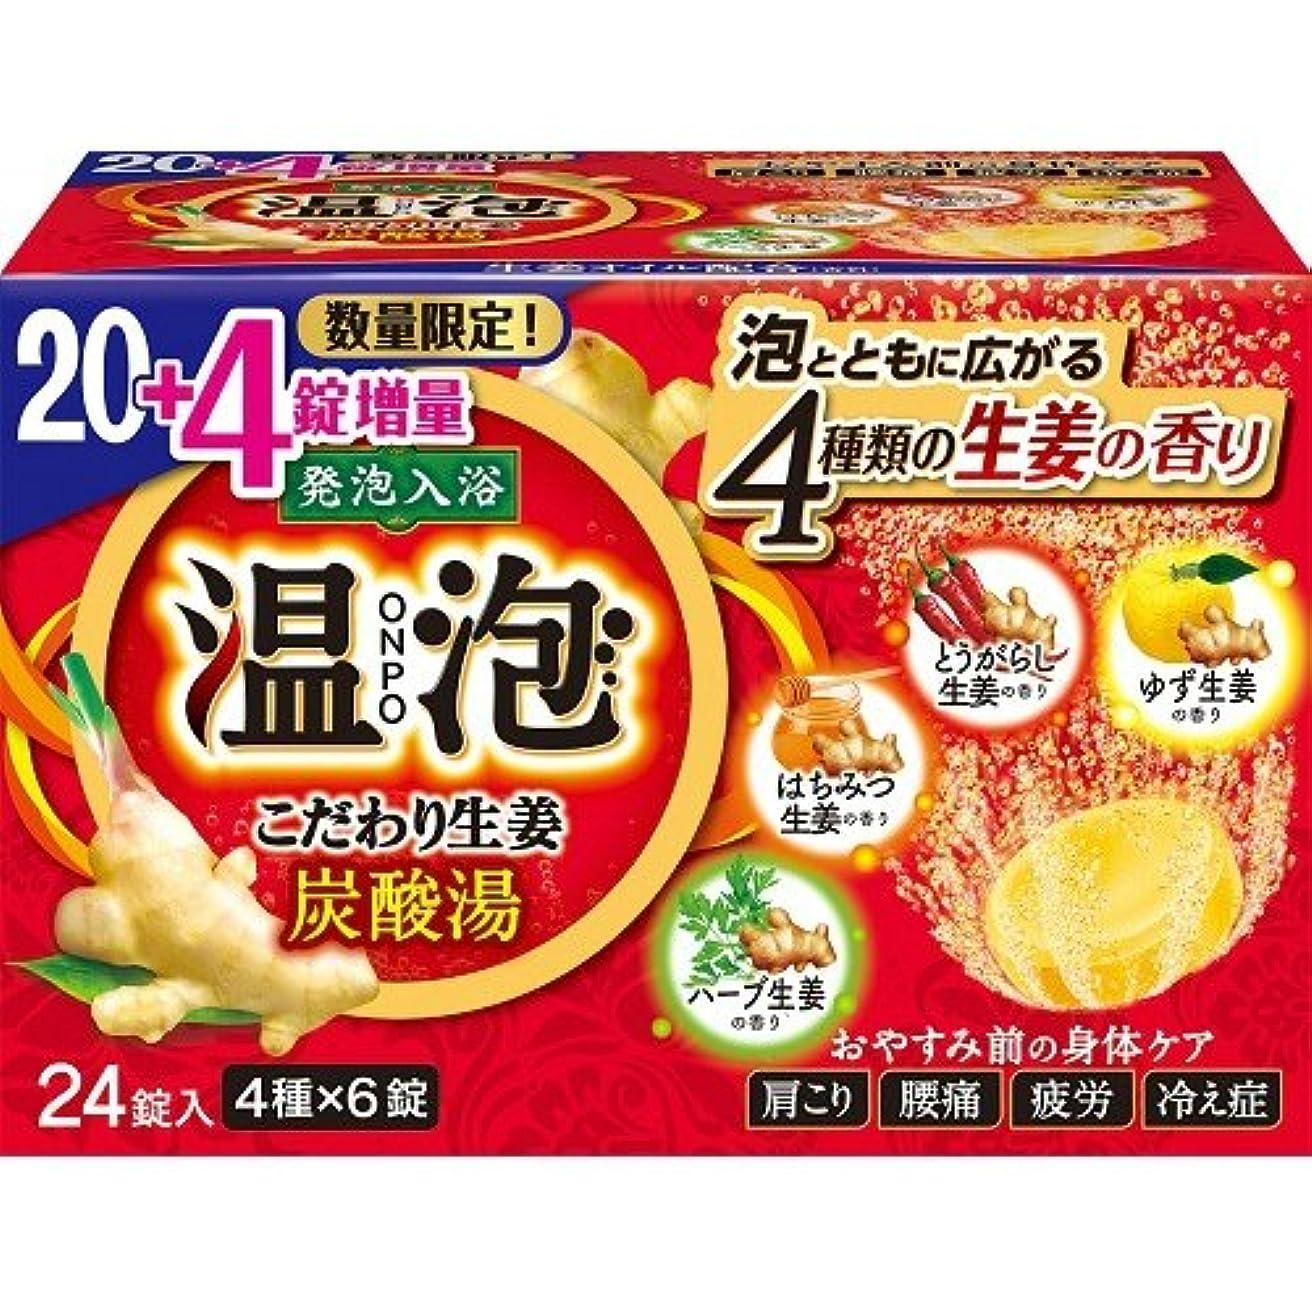 乳製品鹿ベルト温泡こだわり生姜炭酸湯24錠